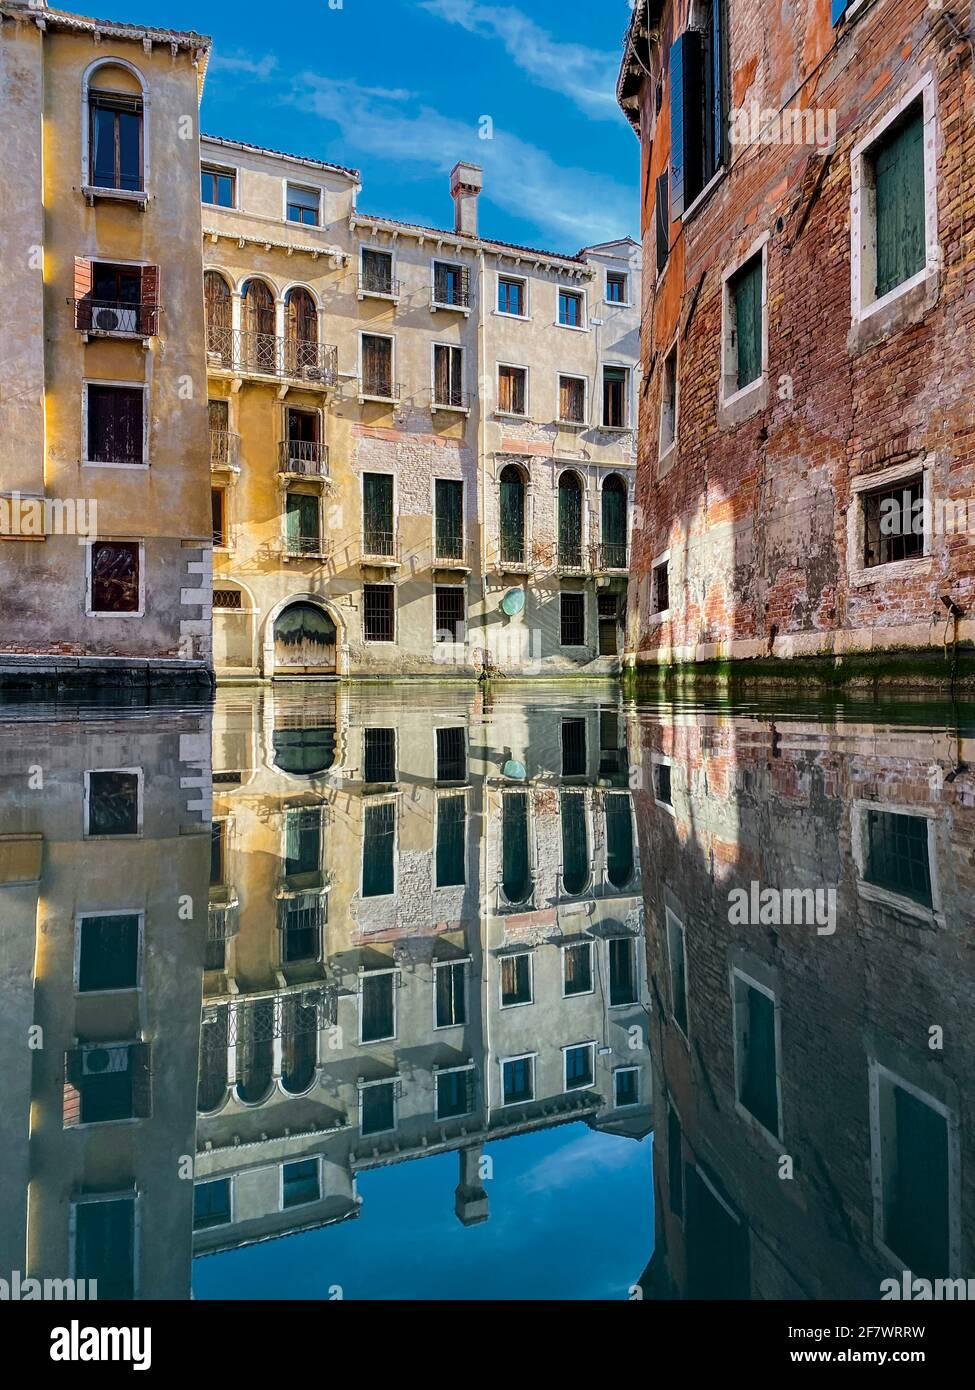 riflessi d'acqua colorati nel canale vuoto senza barche Foto Stock